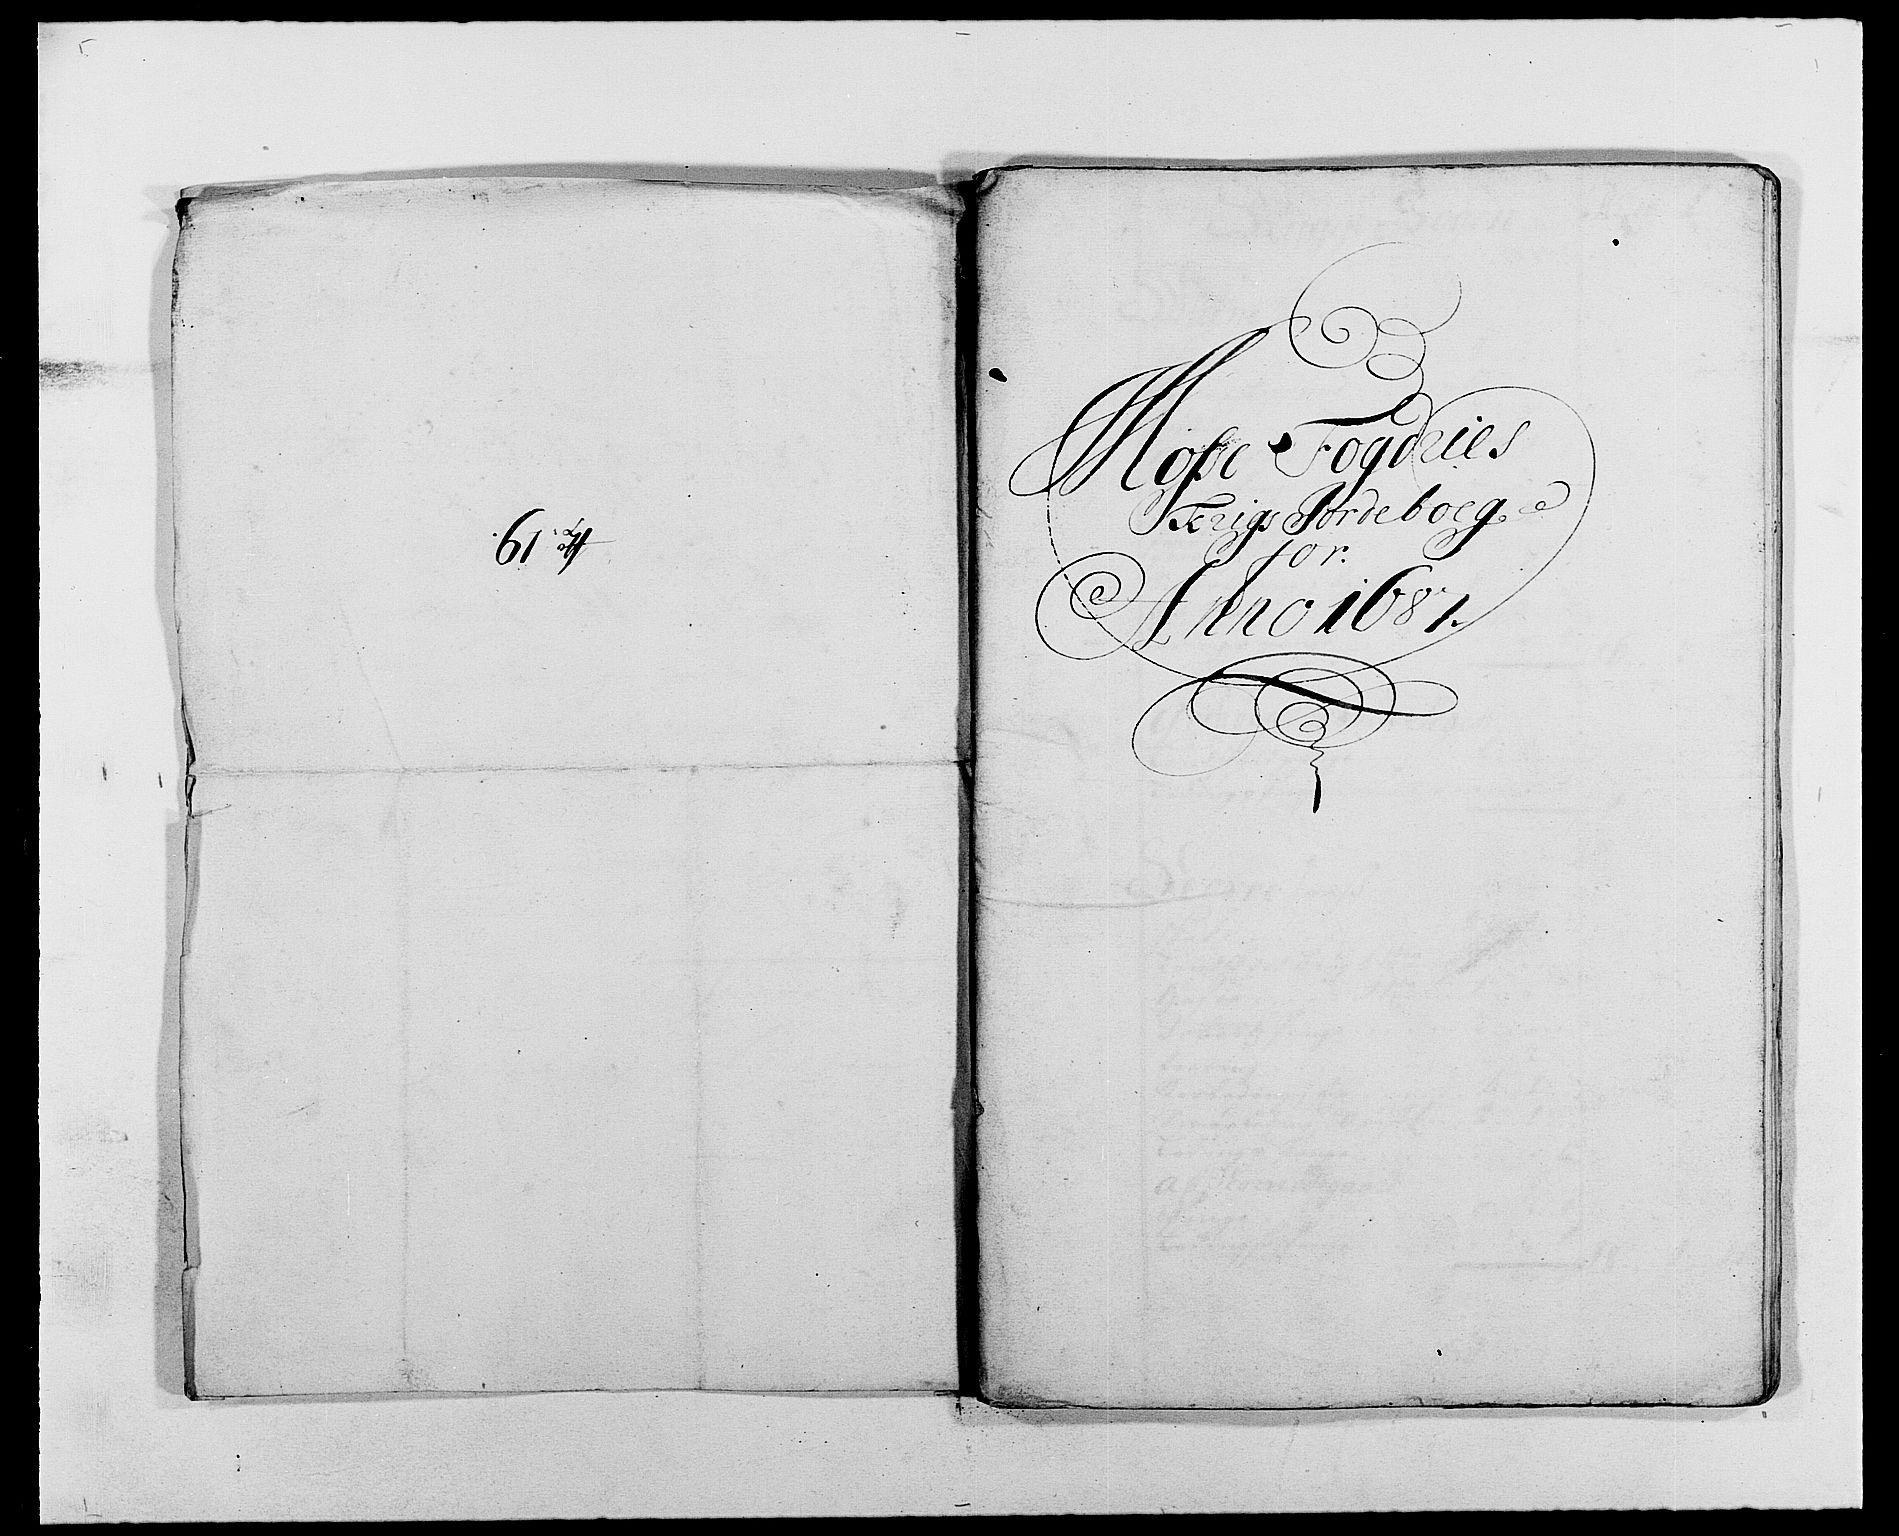 RA, Rentekammeret inntil 1814, Reviderte regnskaper, Fogderegnskap, R02/L0107: Fogderegnskap Moss og Verne kloster, 1685-1691, s. 133